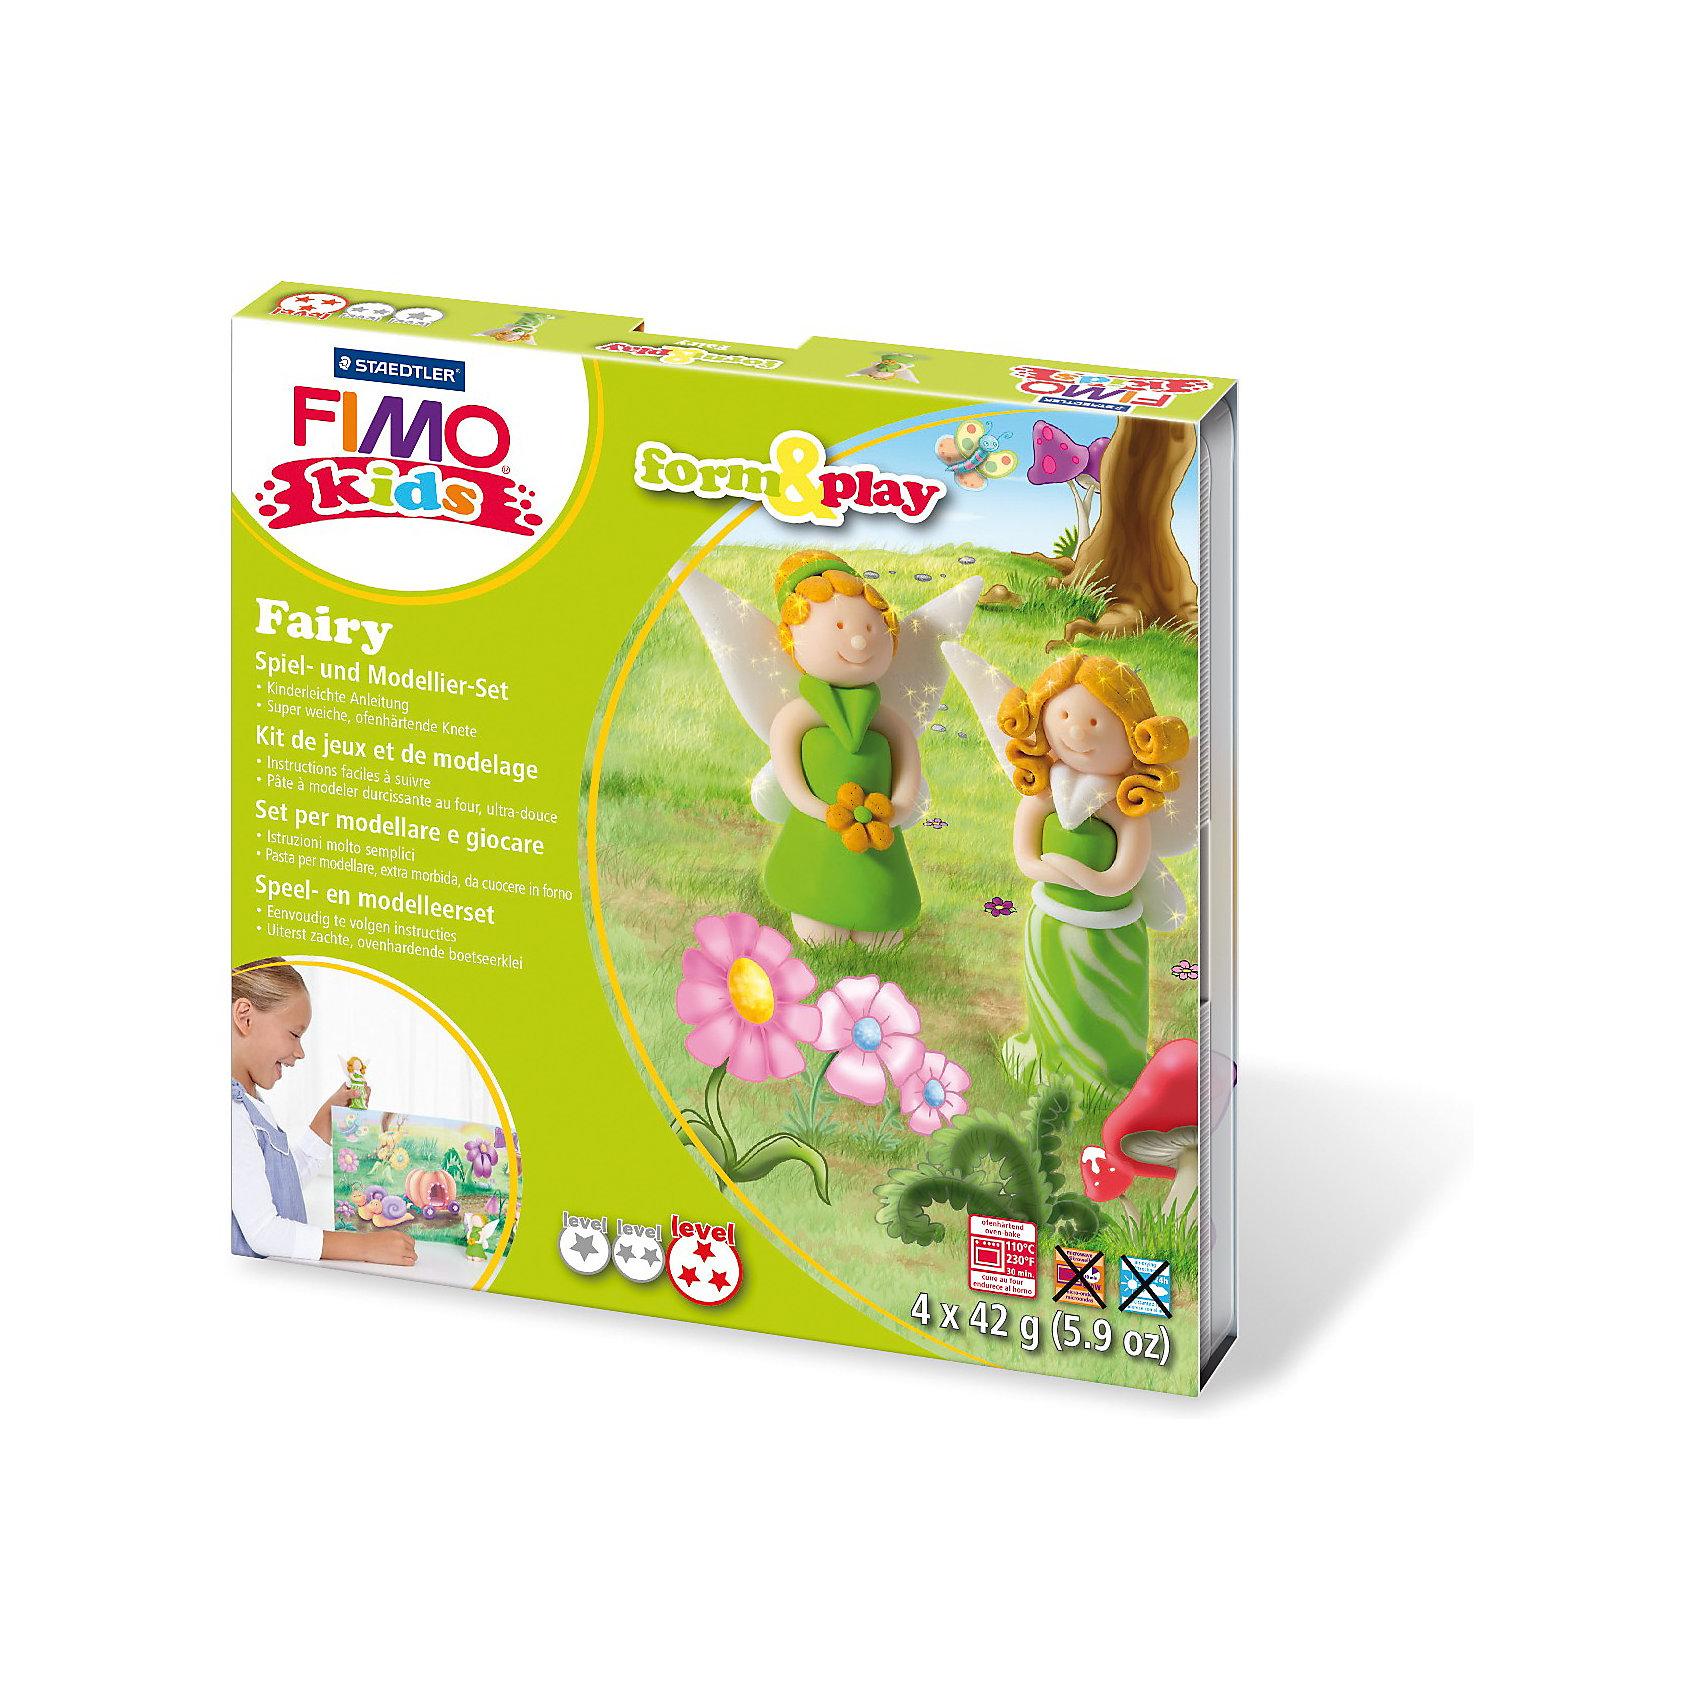 Набор для создания украшений ФеяНаборы полимерной глины<br>Серия Form&amp;play представляет собой сочетание моделирование и игры. Основная концепция включает простые и хорошо понятные формы, инструкции в соответствии с уровнем сложности и полимерную глину, разработанную специально для детей. Игровая фоновая сцена, изображенная на внутренней стороне упаковки, не только доставит дополнительное удовольствие от игры, но и вдохновит на новые идеи моделирования.<br>FIMO kids form&amp;play детский набор Фея - содержит: 4 блока по 42 г (светло-зеленый, телесный, блестящий белый, блестящий золотой), стек для моделирования, пошаговые инструкции, игровая фоновая сцена. Уровень сложности 3.<br><br>Ширина мм: 159<br>Глубина мм: 154<br>Высота мм: 22<br>Вес г: 251<br>Возраст от месяцев: 60<br>Возраст до месяцев: 96<br>Пол: Унисекс<br>Возраст: Детский<br>SKU: 3608625